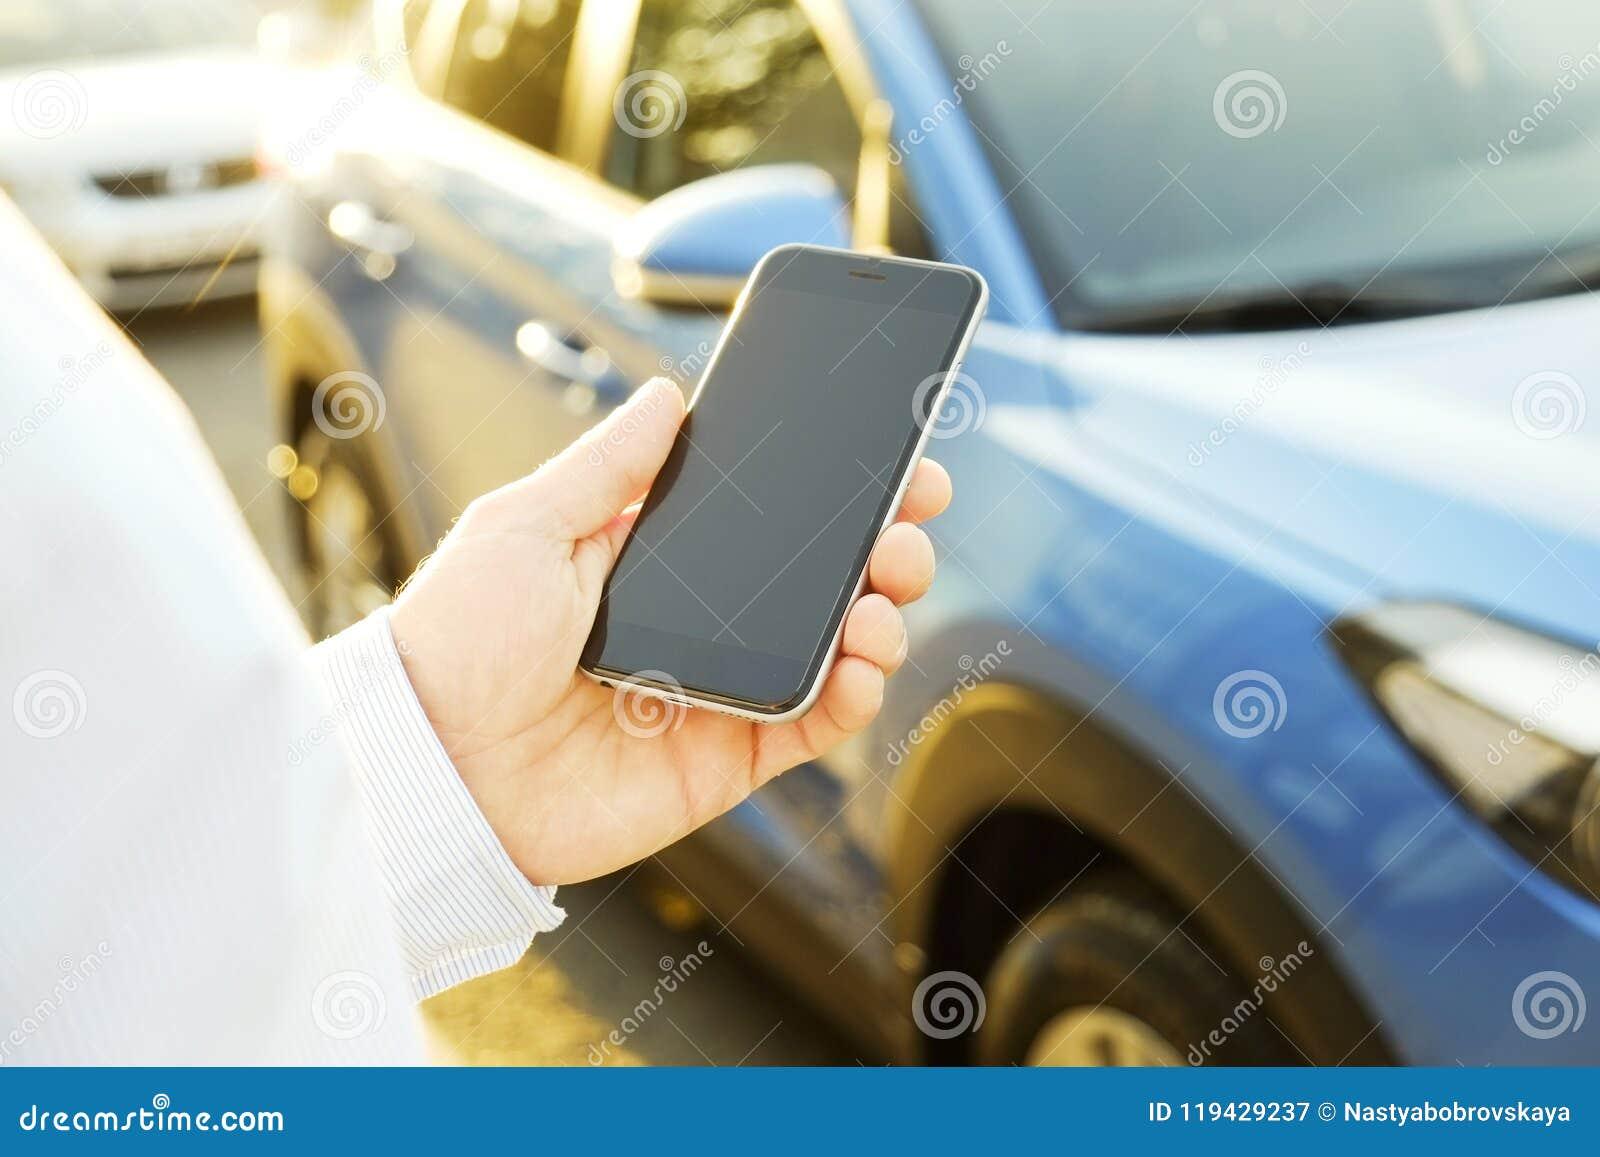 Den lyckade lyckliga unga mannen och hans bil i mjuk solnedgång tänder på urbanistic bakgrund Affärsman med medlet på vägrenen